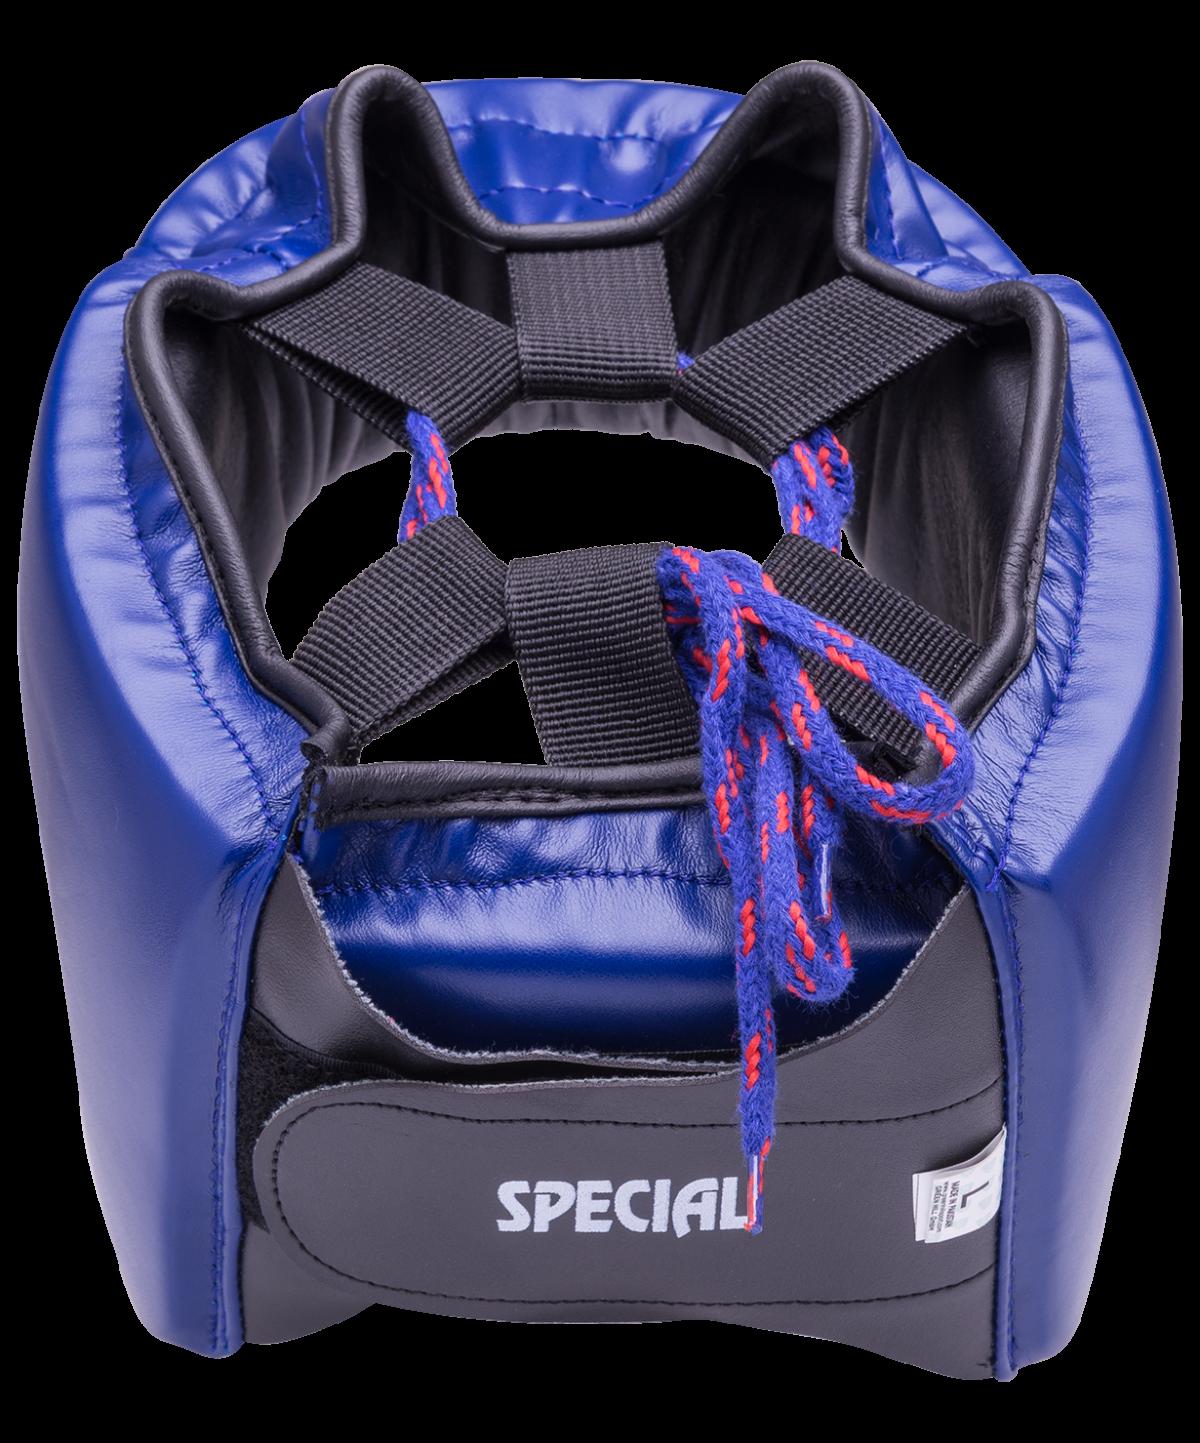 GREEN HILL Шлем открытый Special  HGS-4025: синий - 2